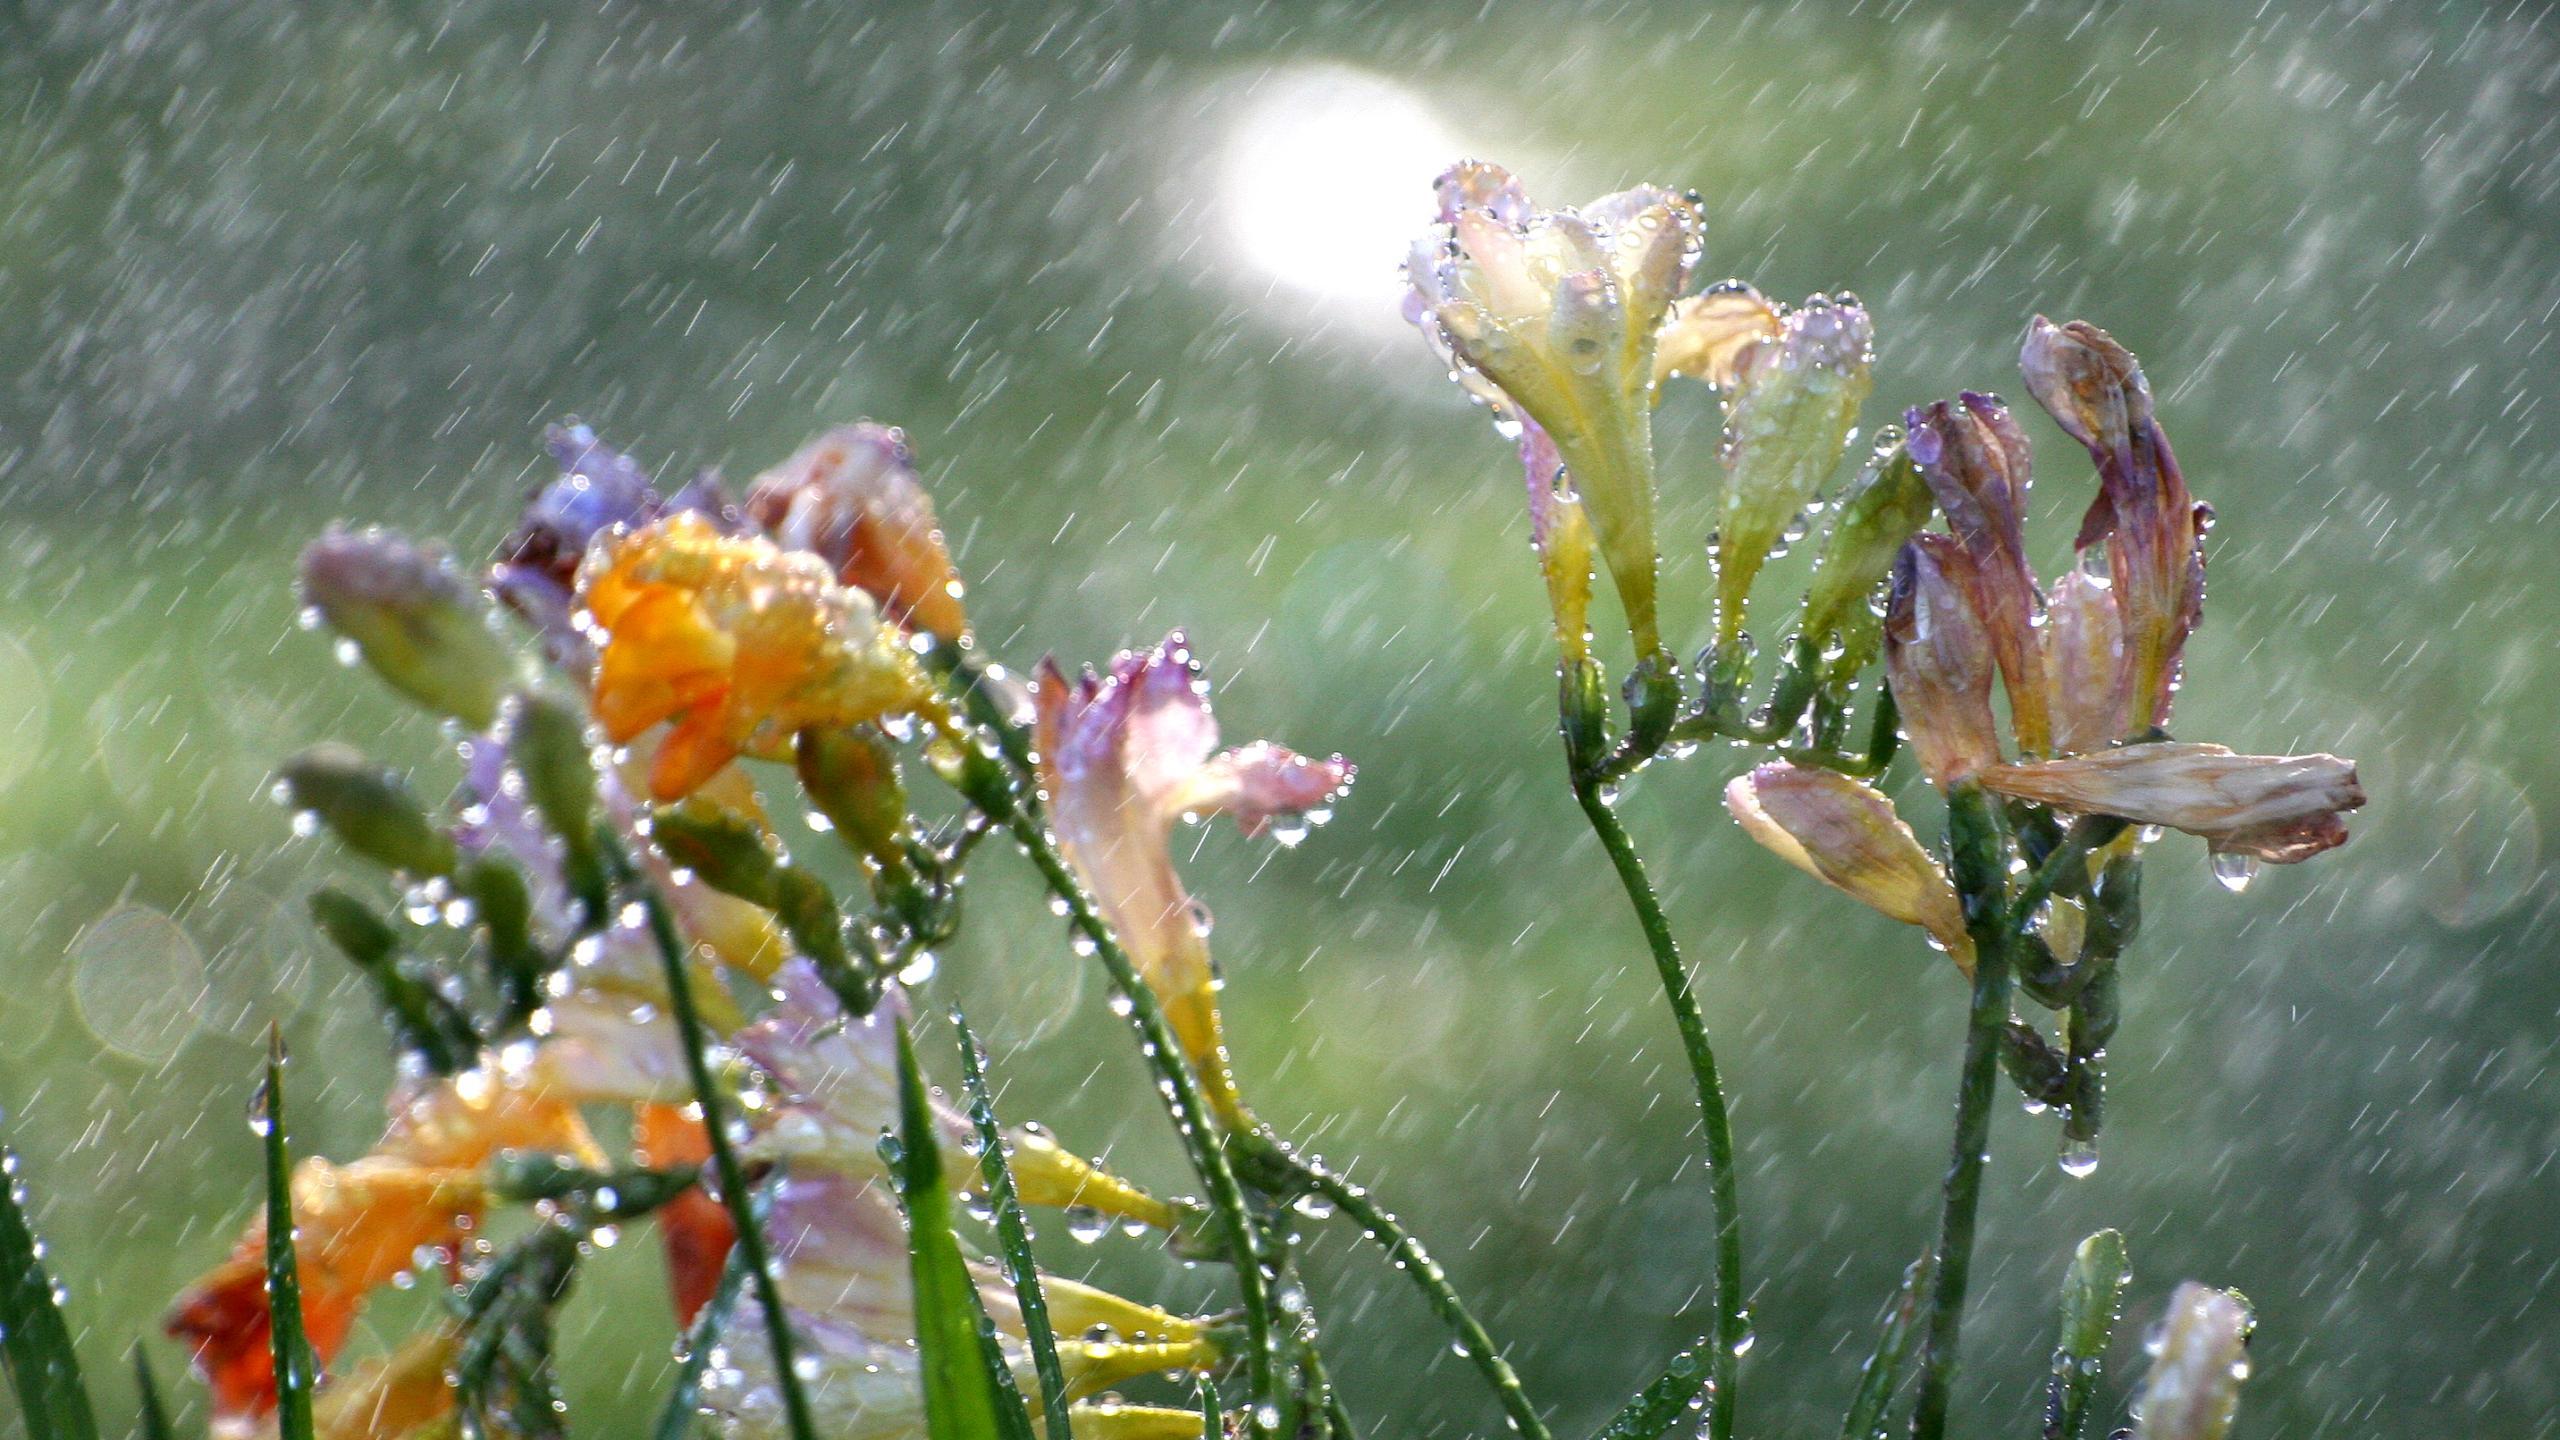 Дождь помогает микробам колонизировать растения